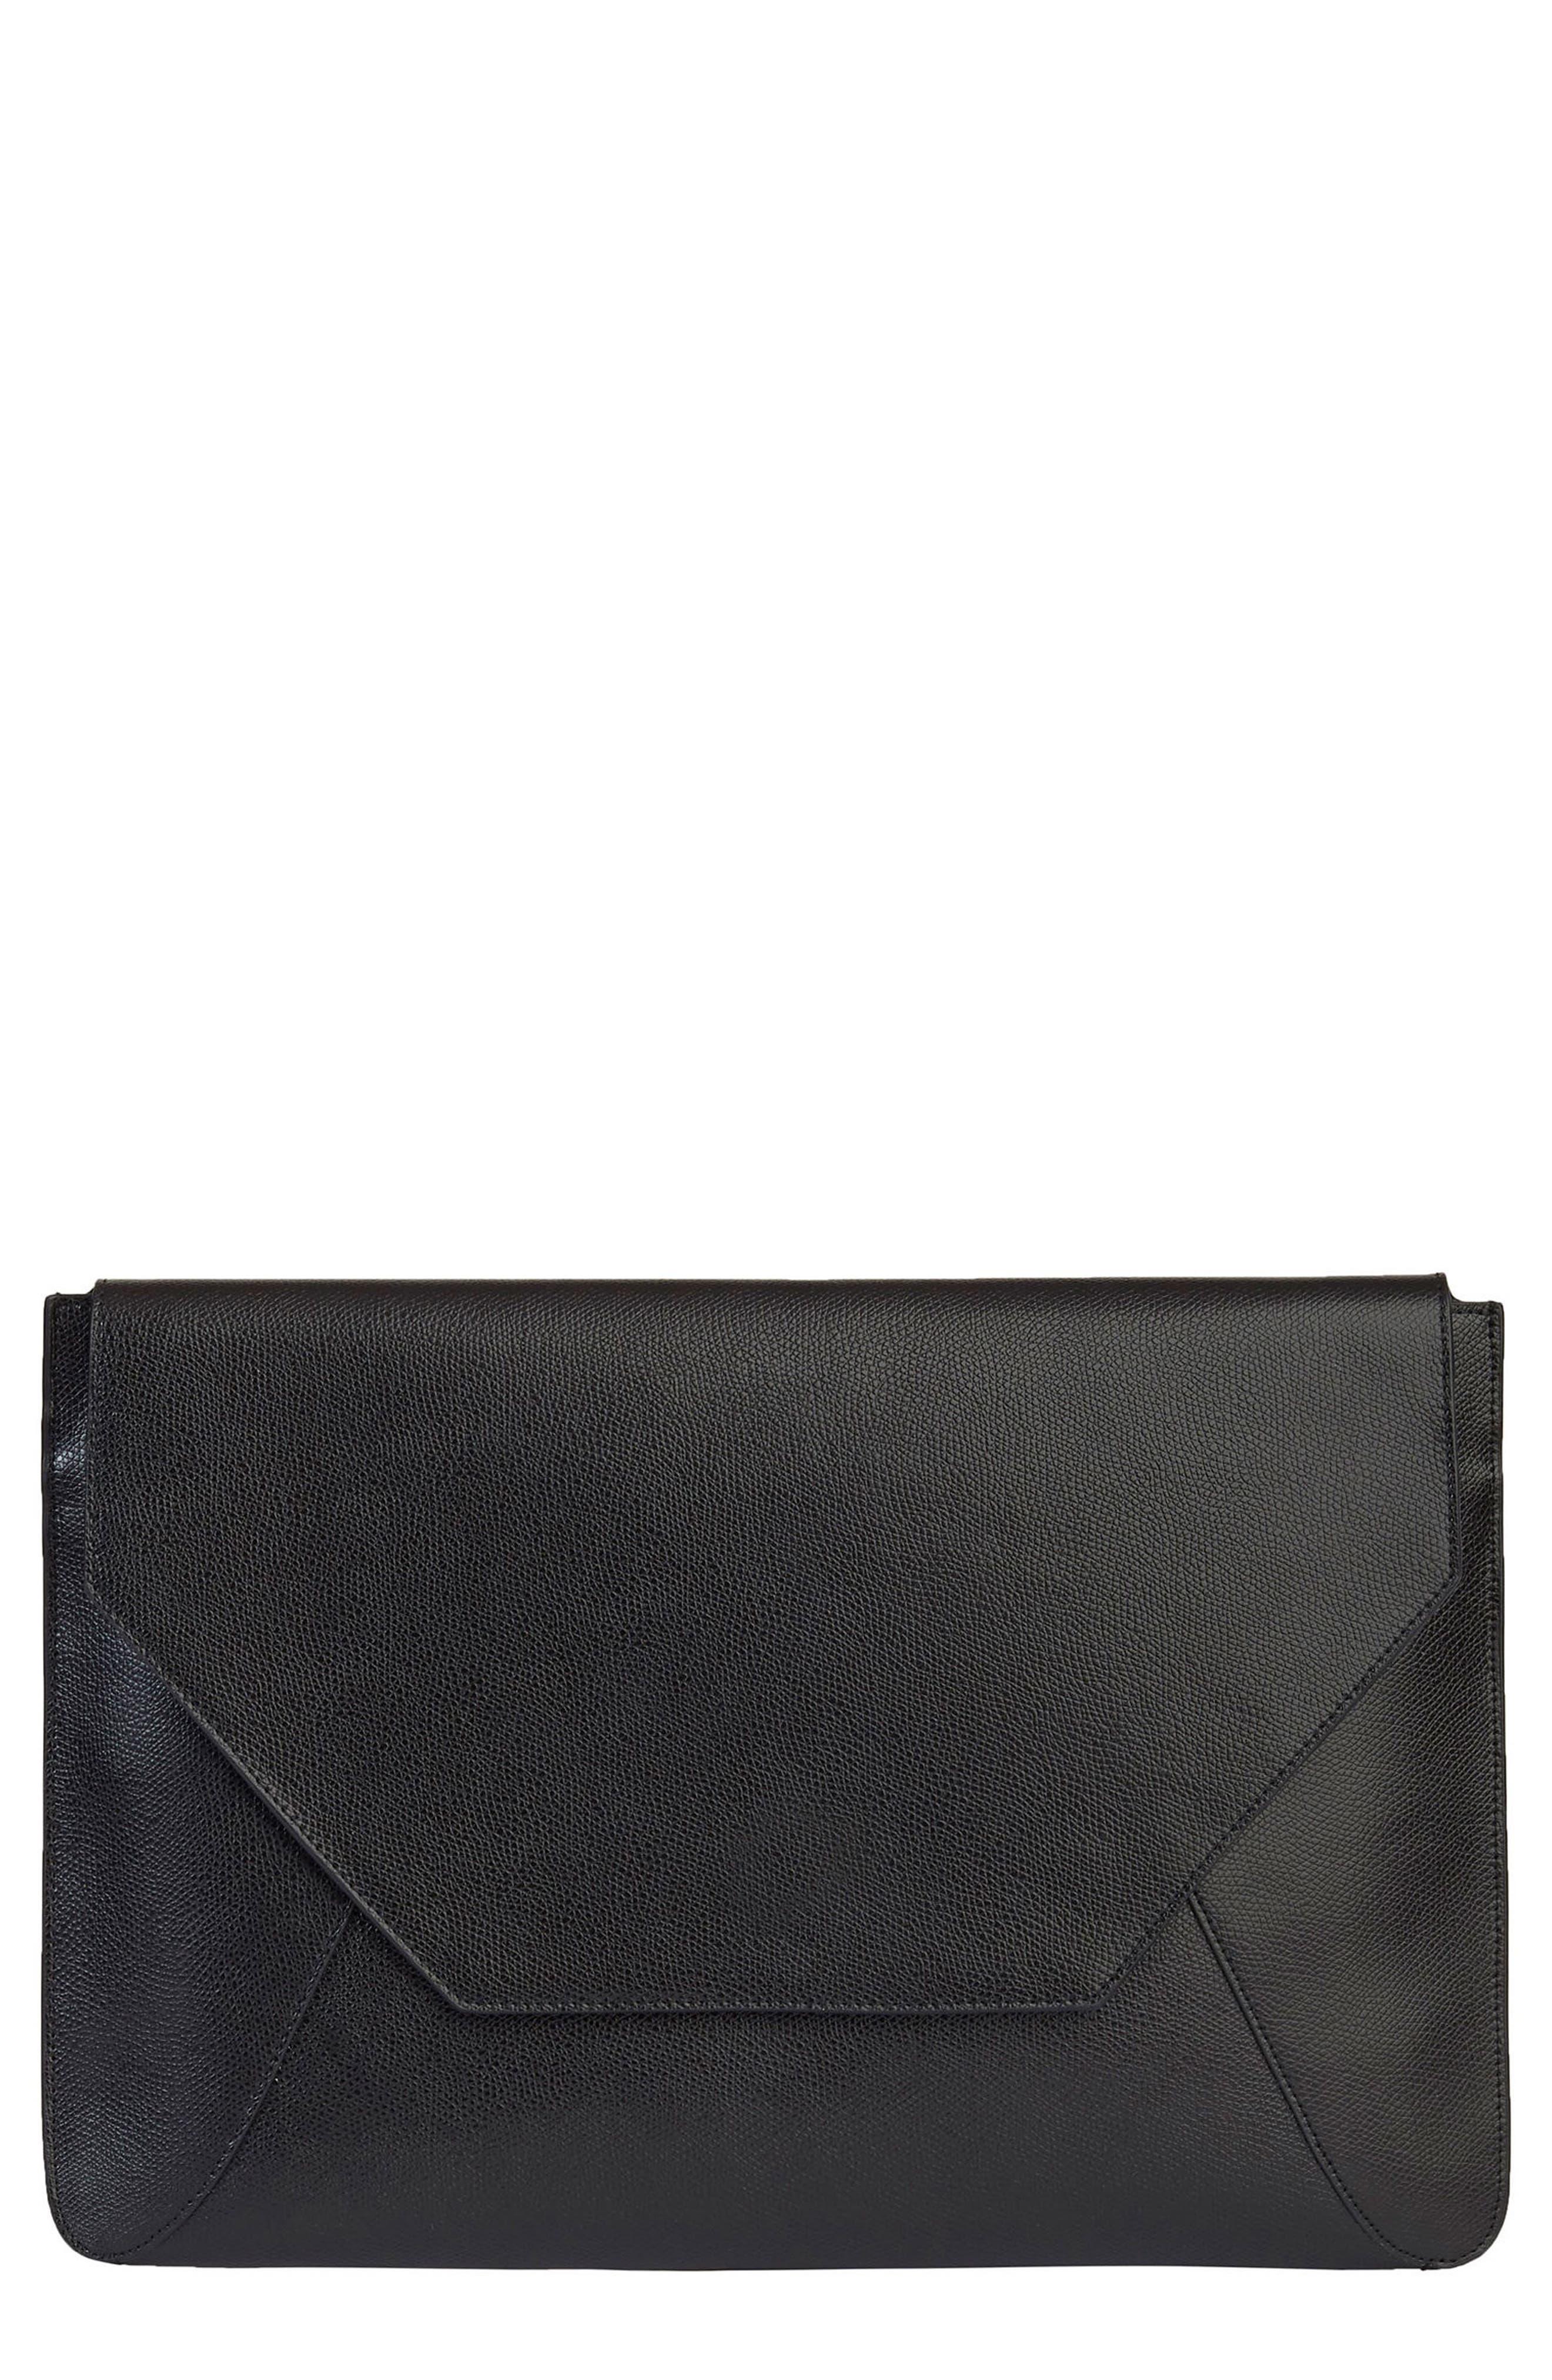 Pebbled Leather Envelope Clutch,                             Main thumbnail 1, color,                             NOIR